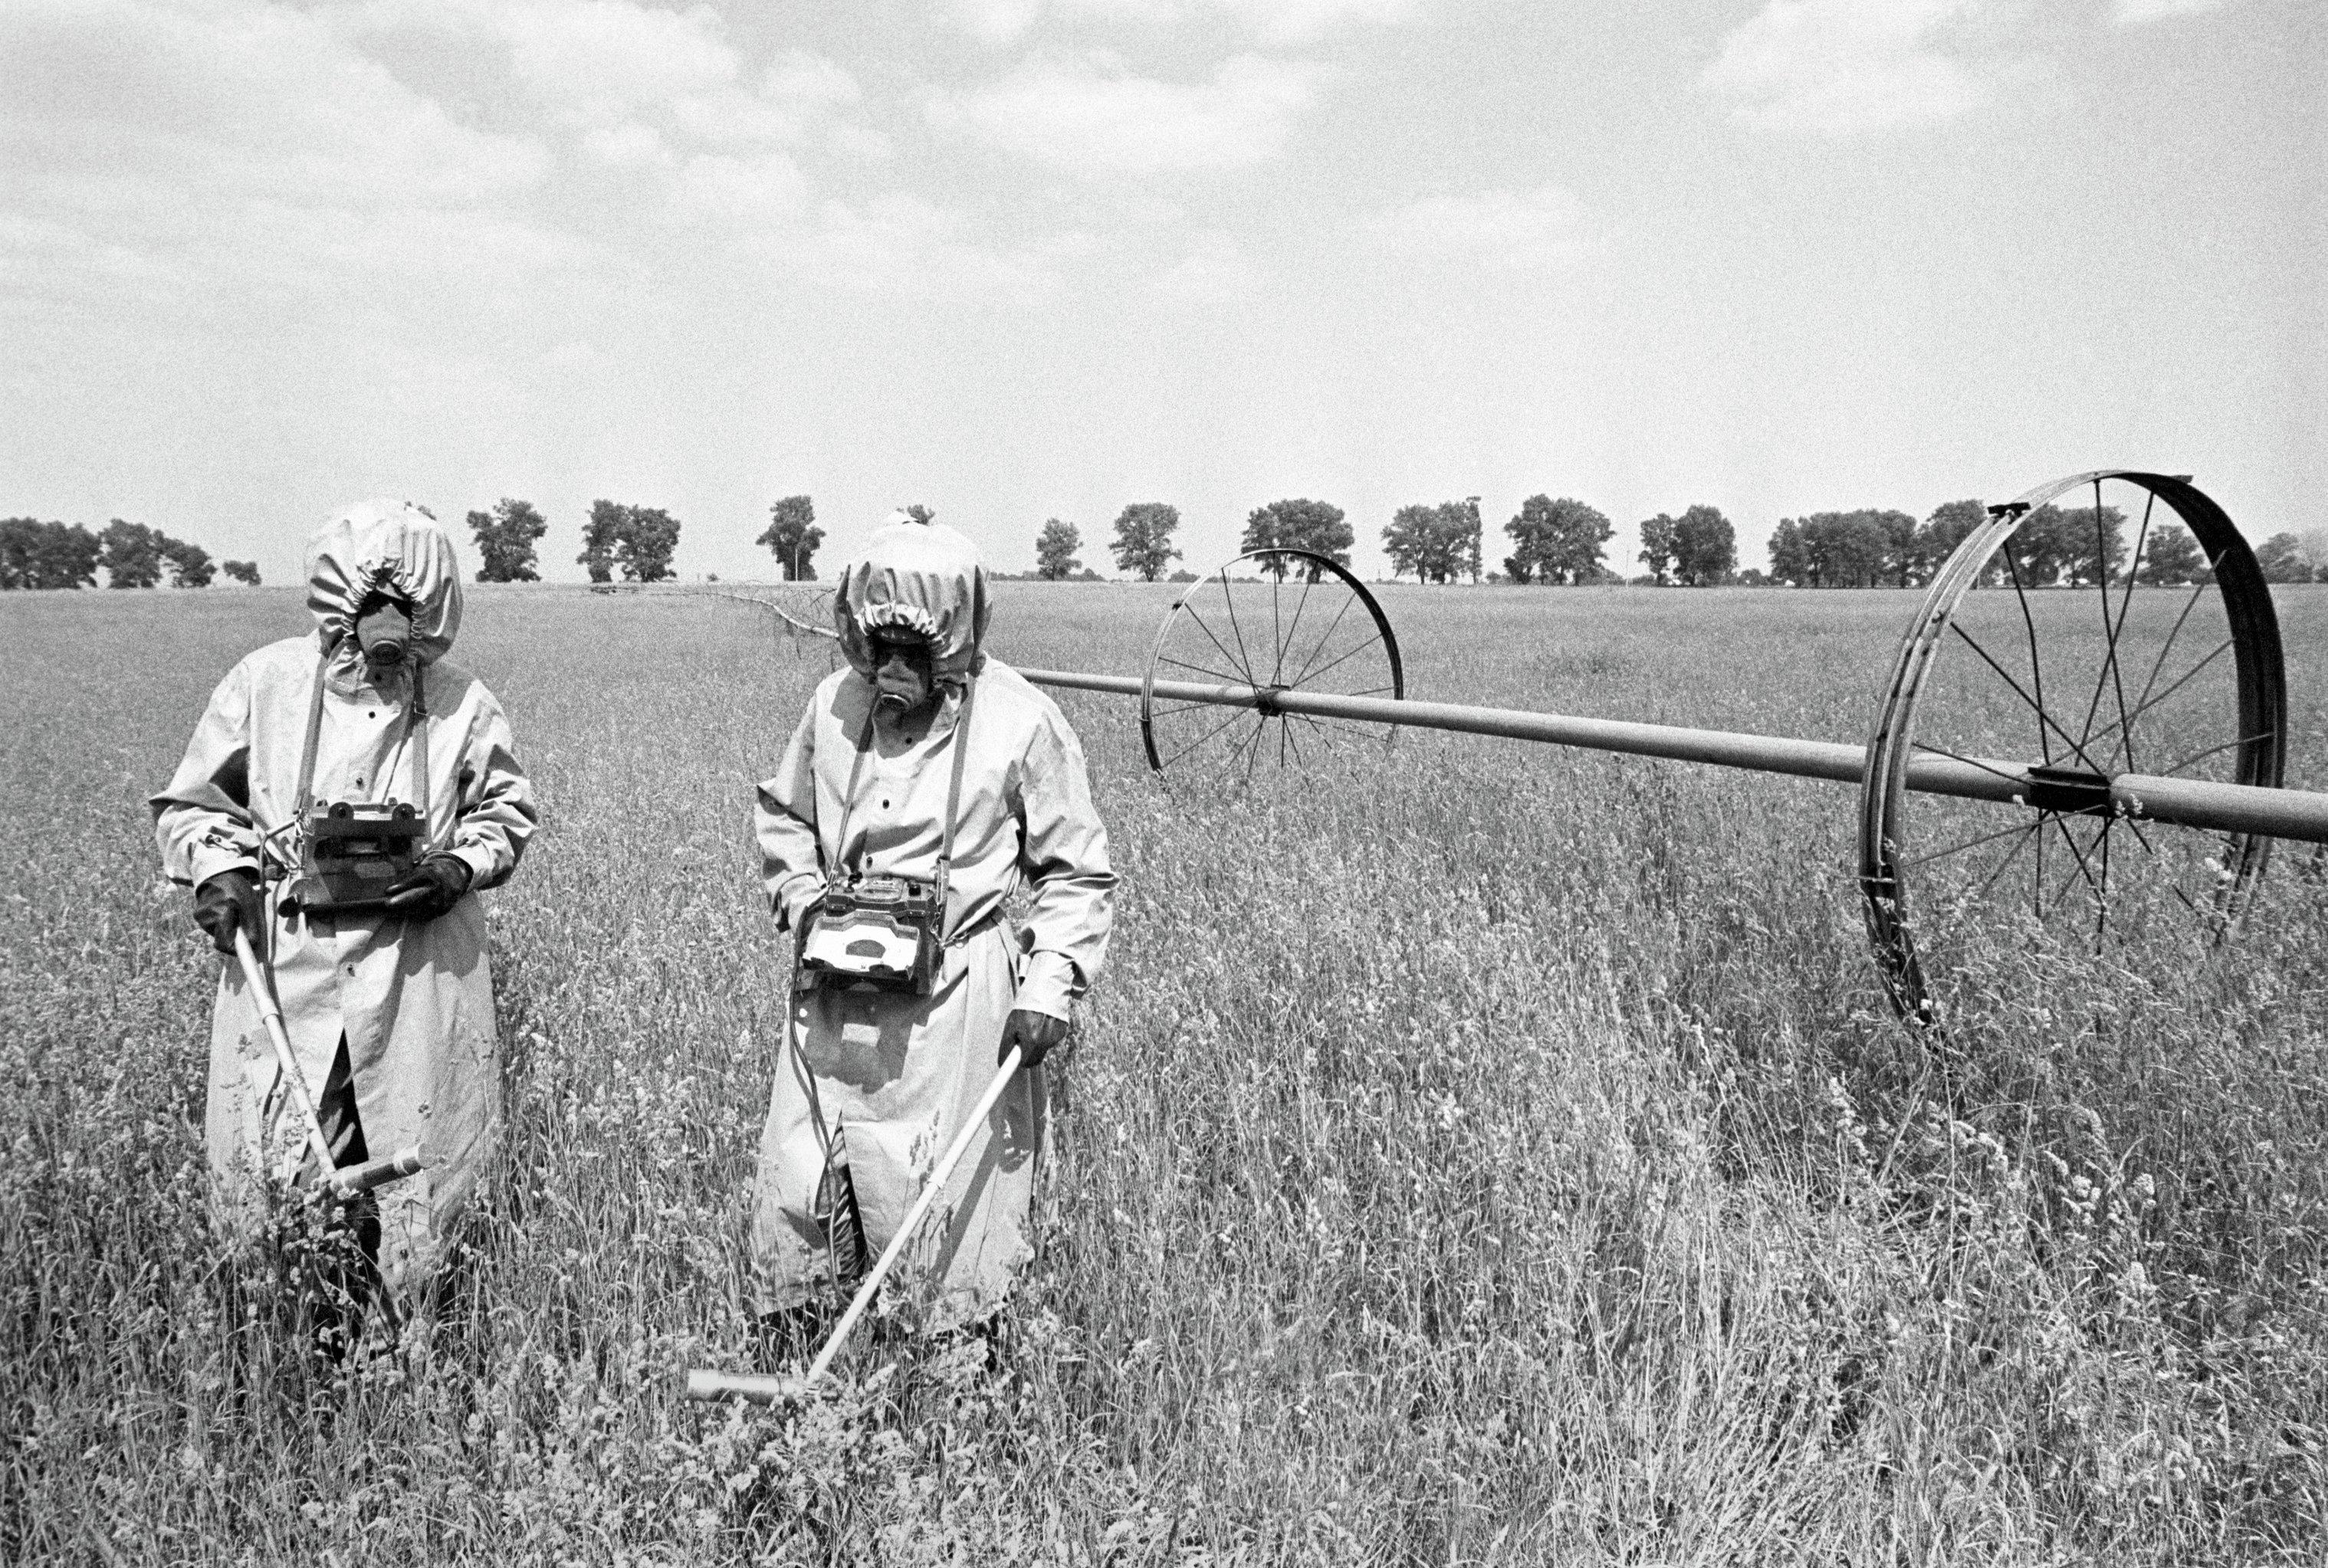 Дозиметристы проводят контроль радиации на полях в районе аварии на Чернобыльской АЭС